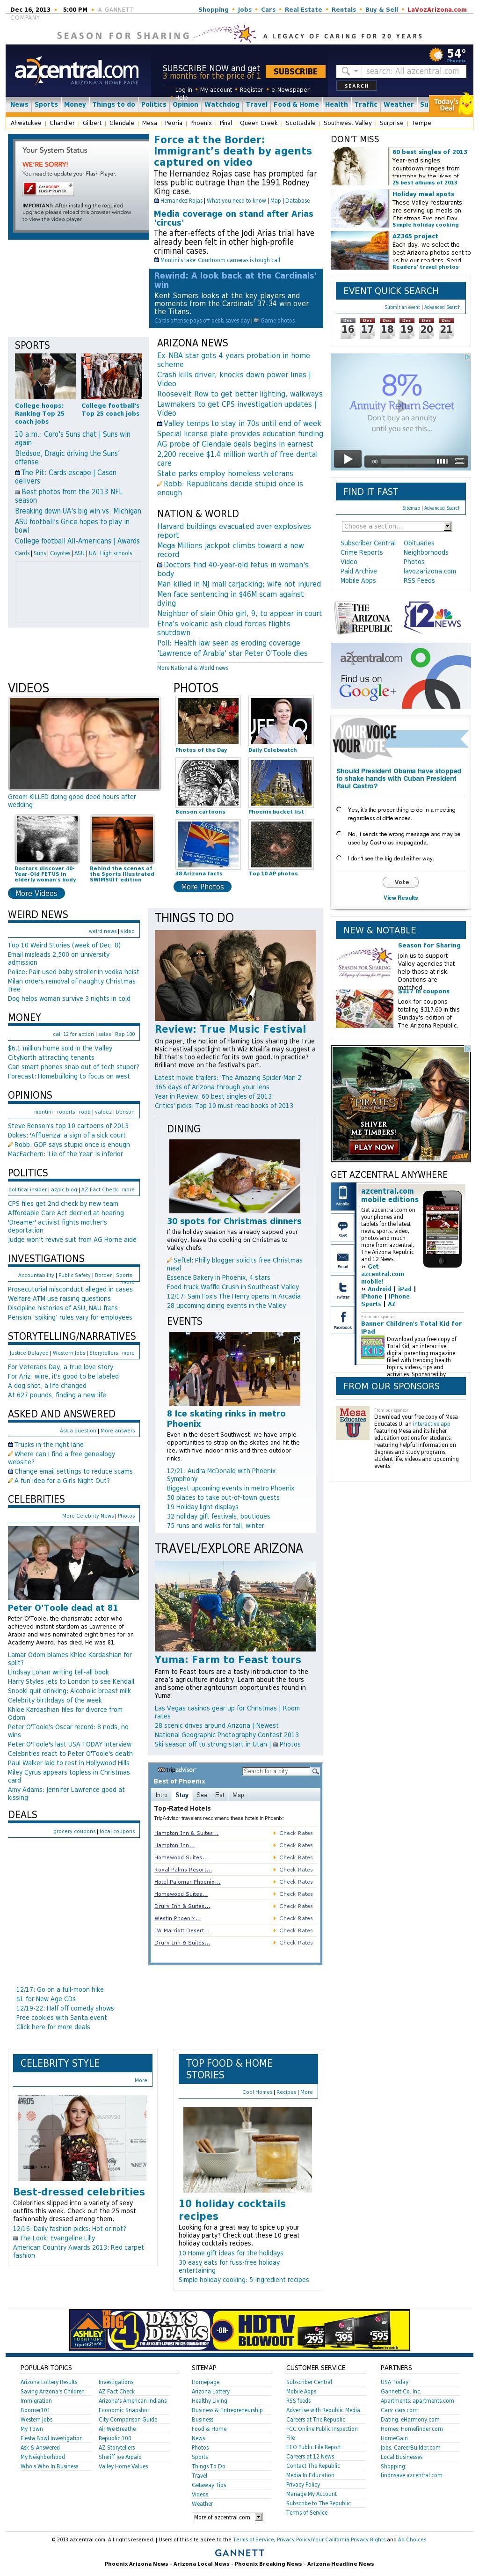 azcentral.com at Monday Dec. 16, 2013, 5 p.m. UTC